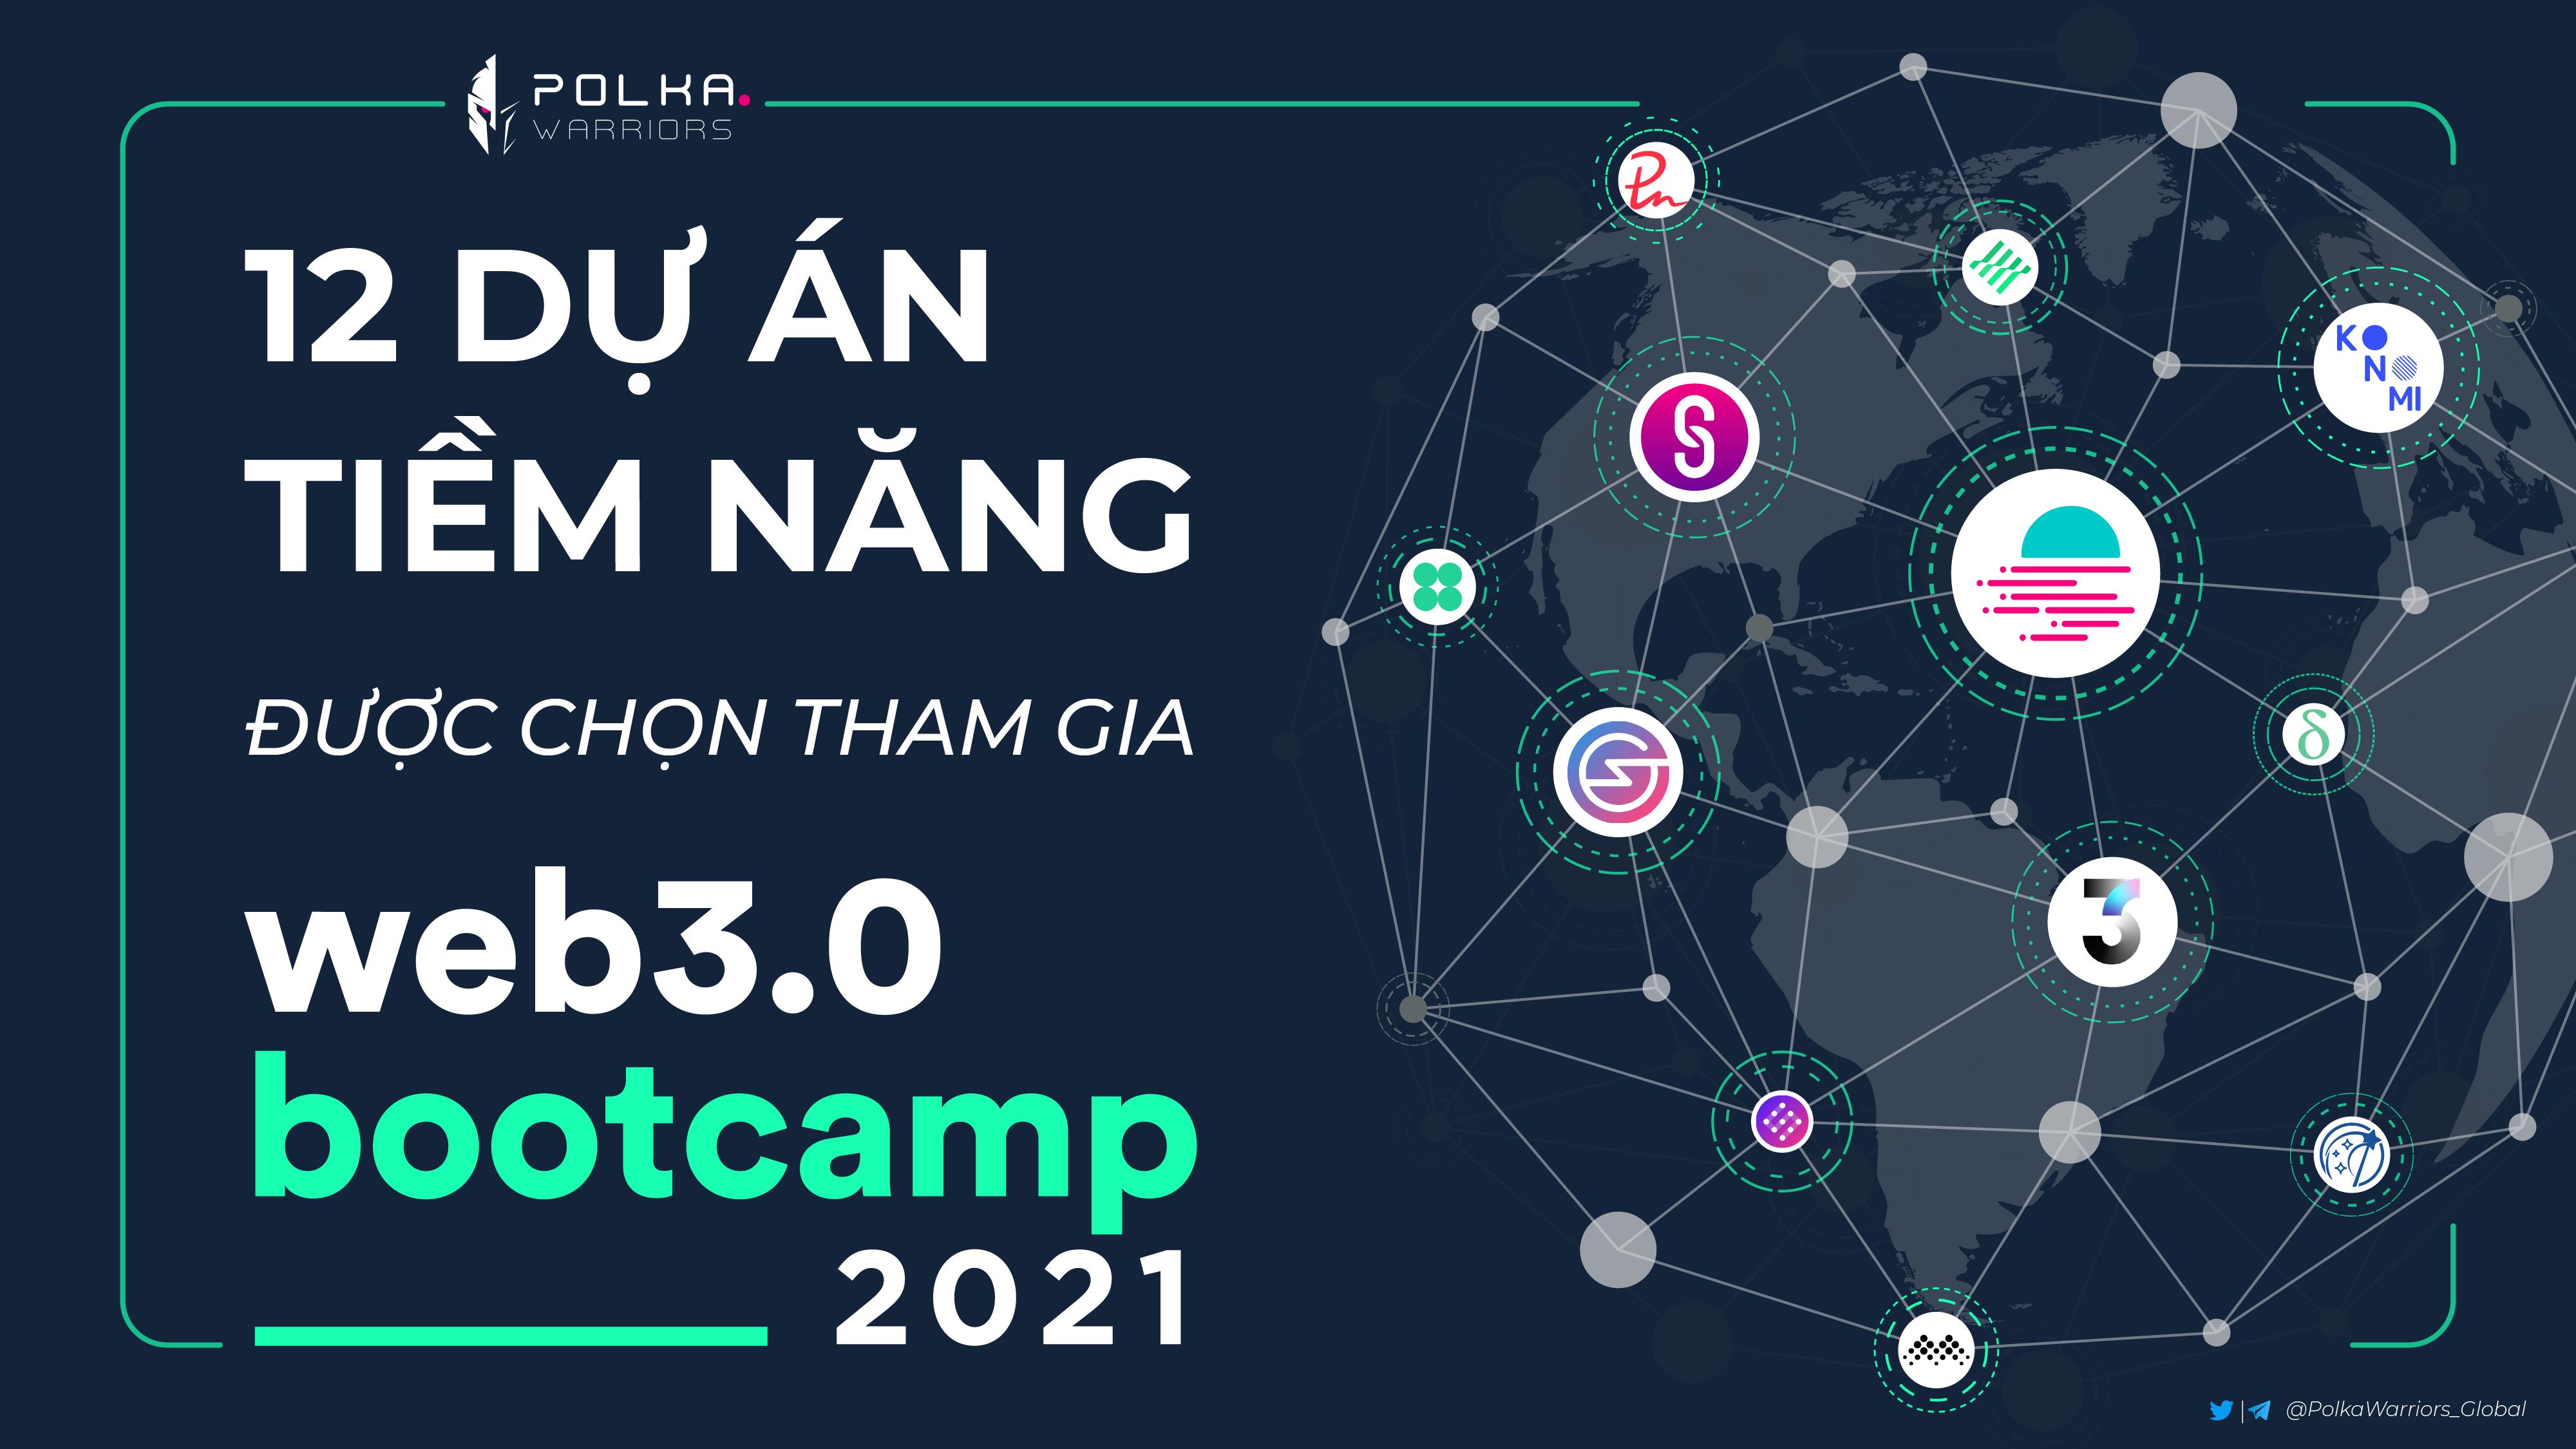 12 dự án tiềm năng được chọn tham gia Web 3.0 Bootcamp 2021 - Hệ sinh thái Polkadot - substrate - syndicator